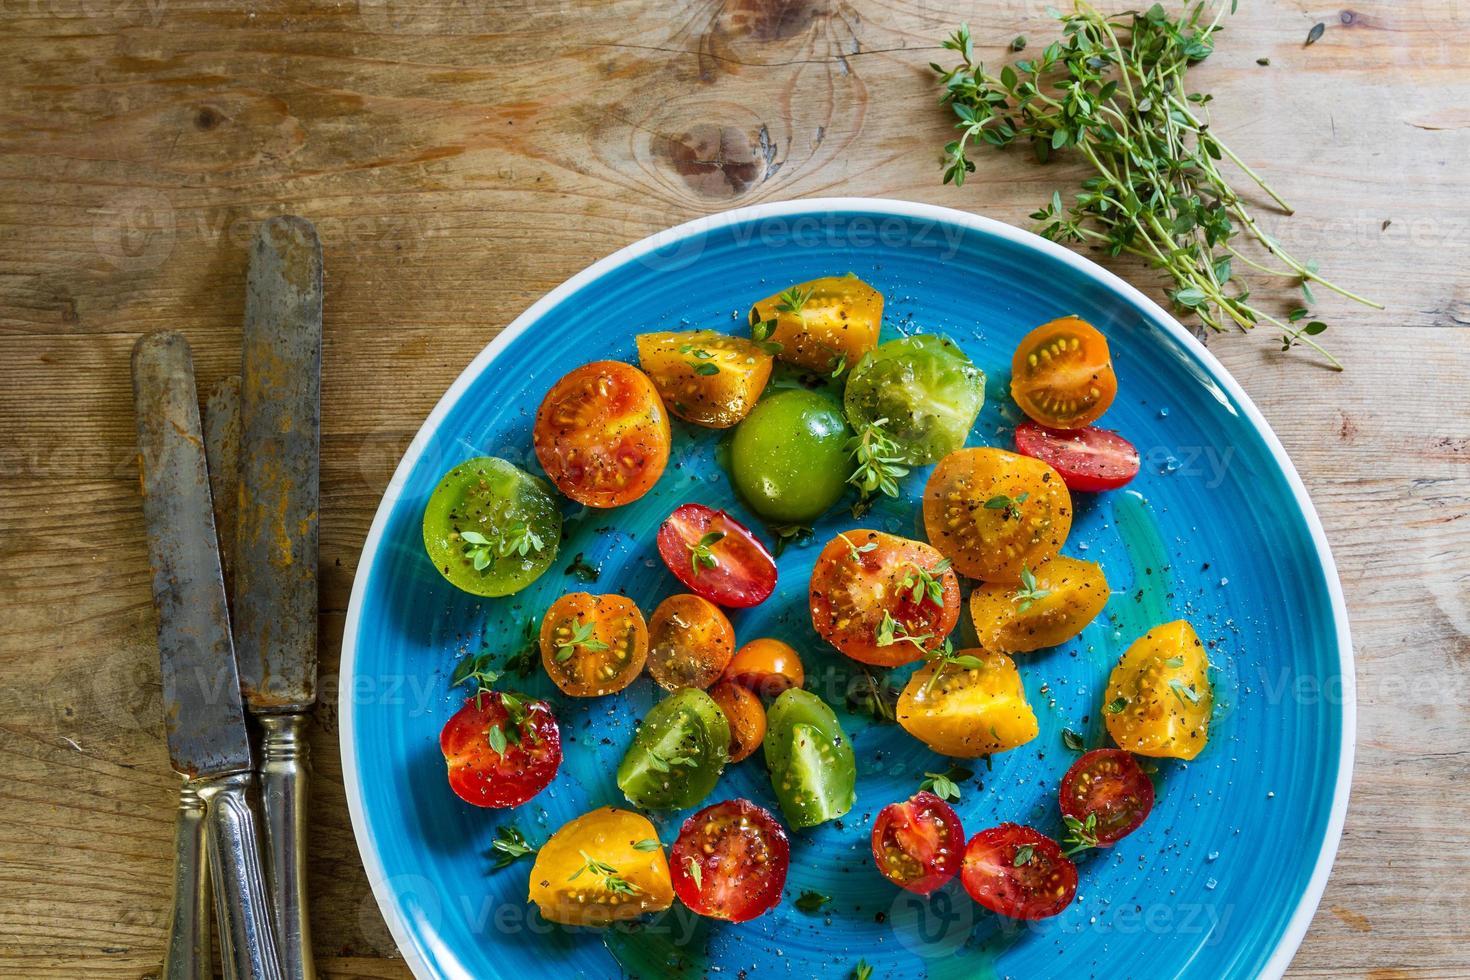 insalata di pomodori colorati foto